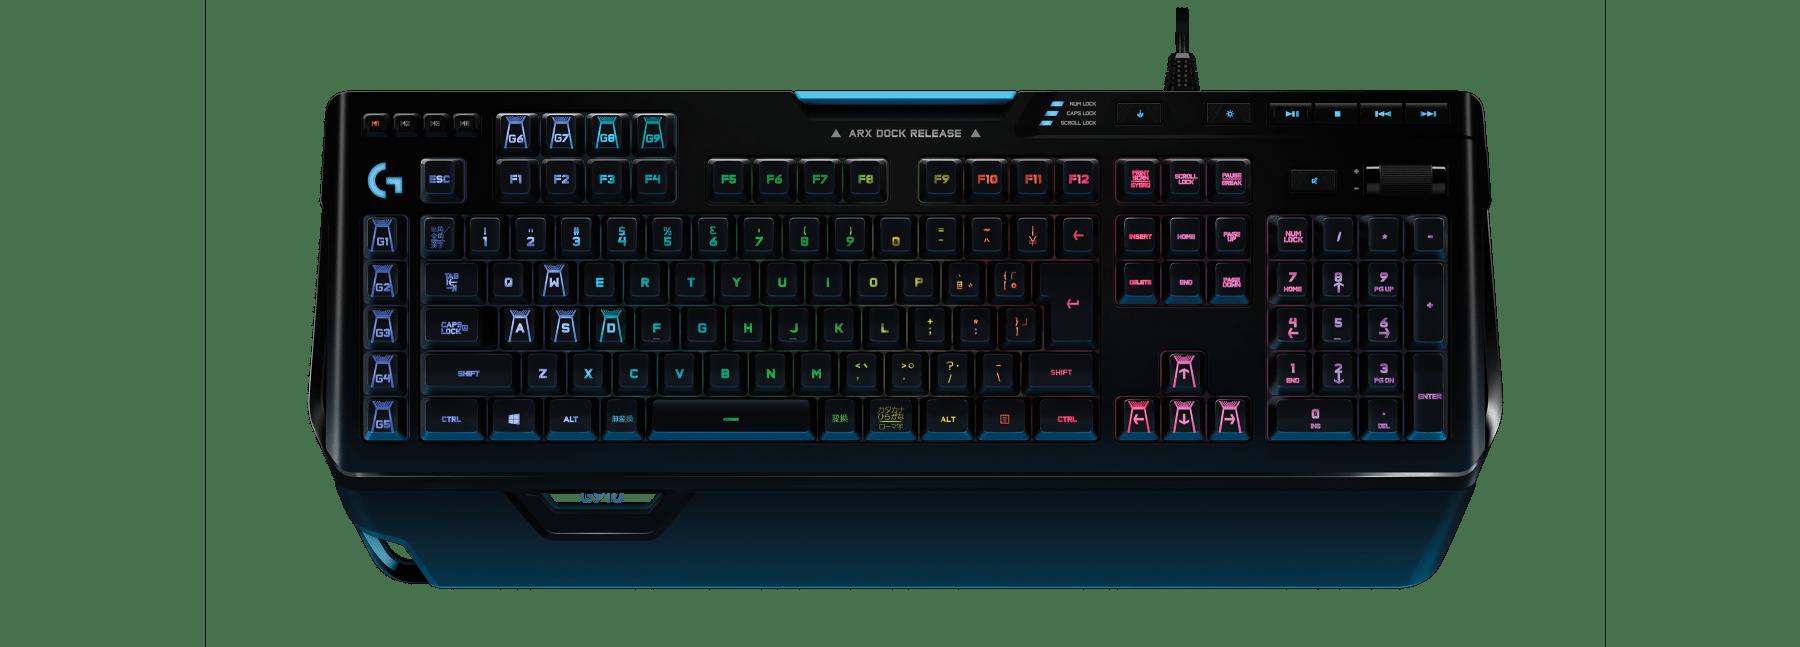 G910 RGBメカニカル ゲーミング キーボード